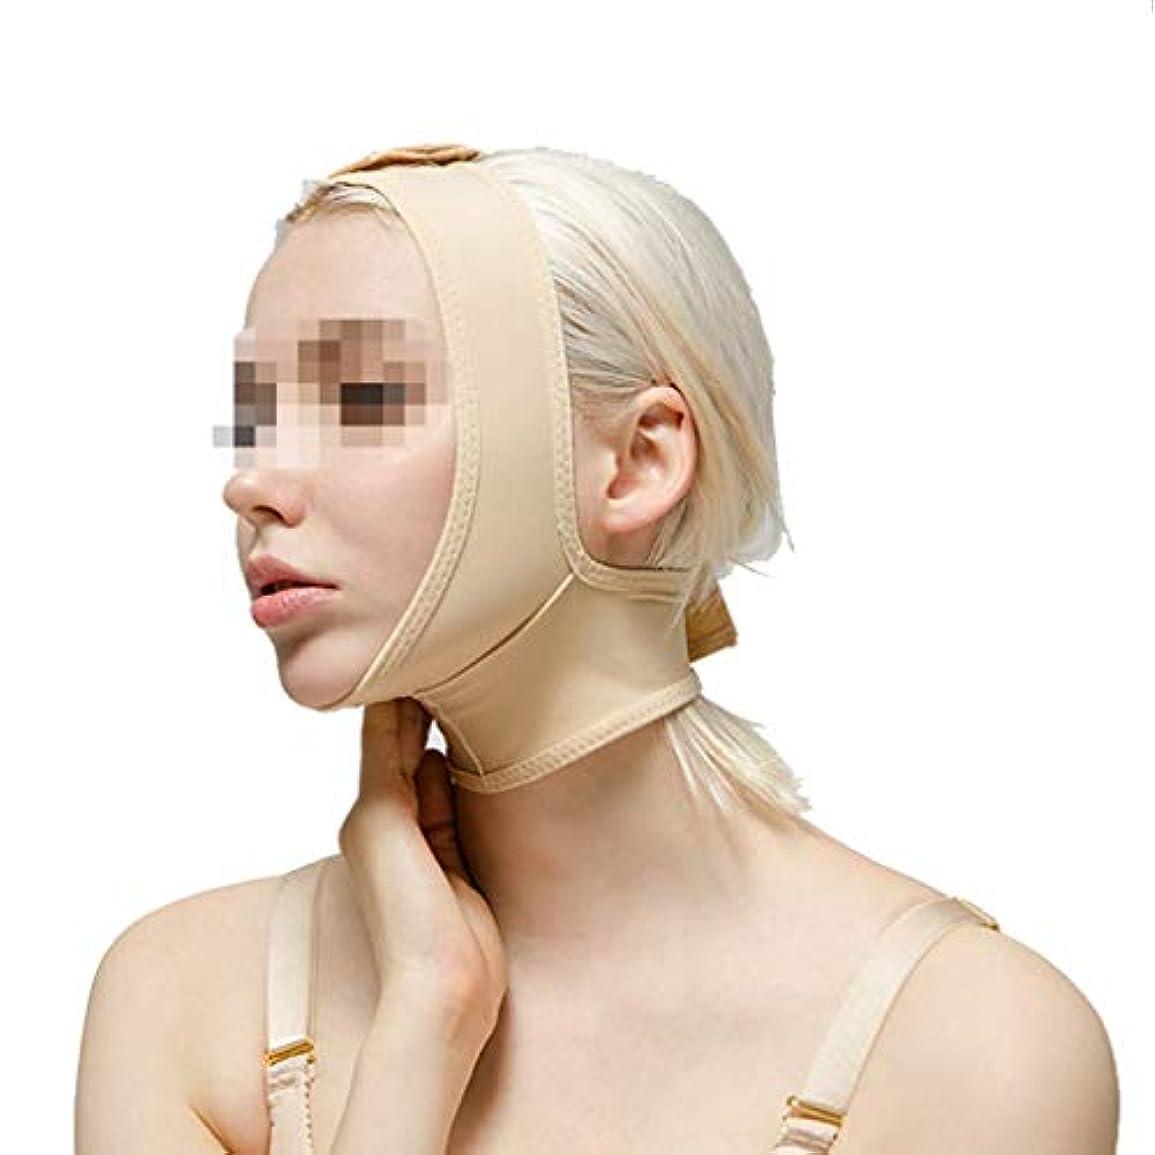 侮辱道肌寒い術後伸縮性スリーブ、下顎束フェイスバンデージフェイシャルビームダブルチンシンフェイスマスクマルチサイズオプション(サイズ:L),XL